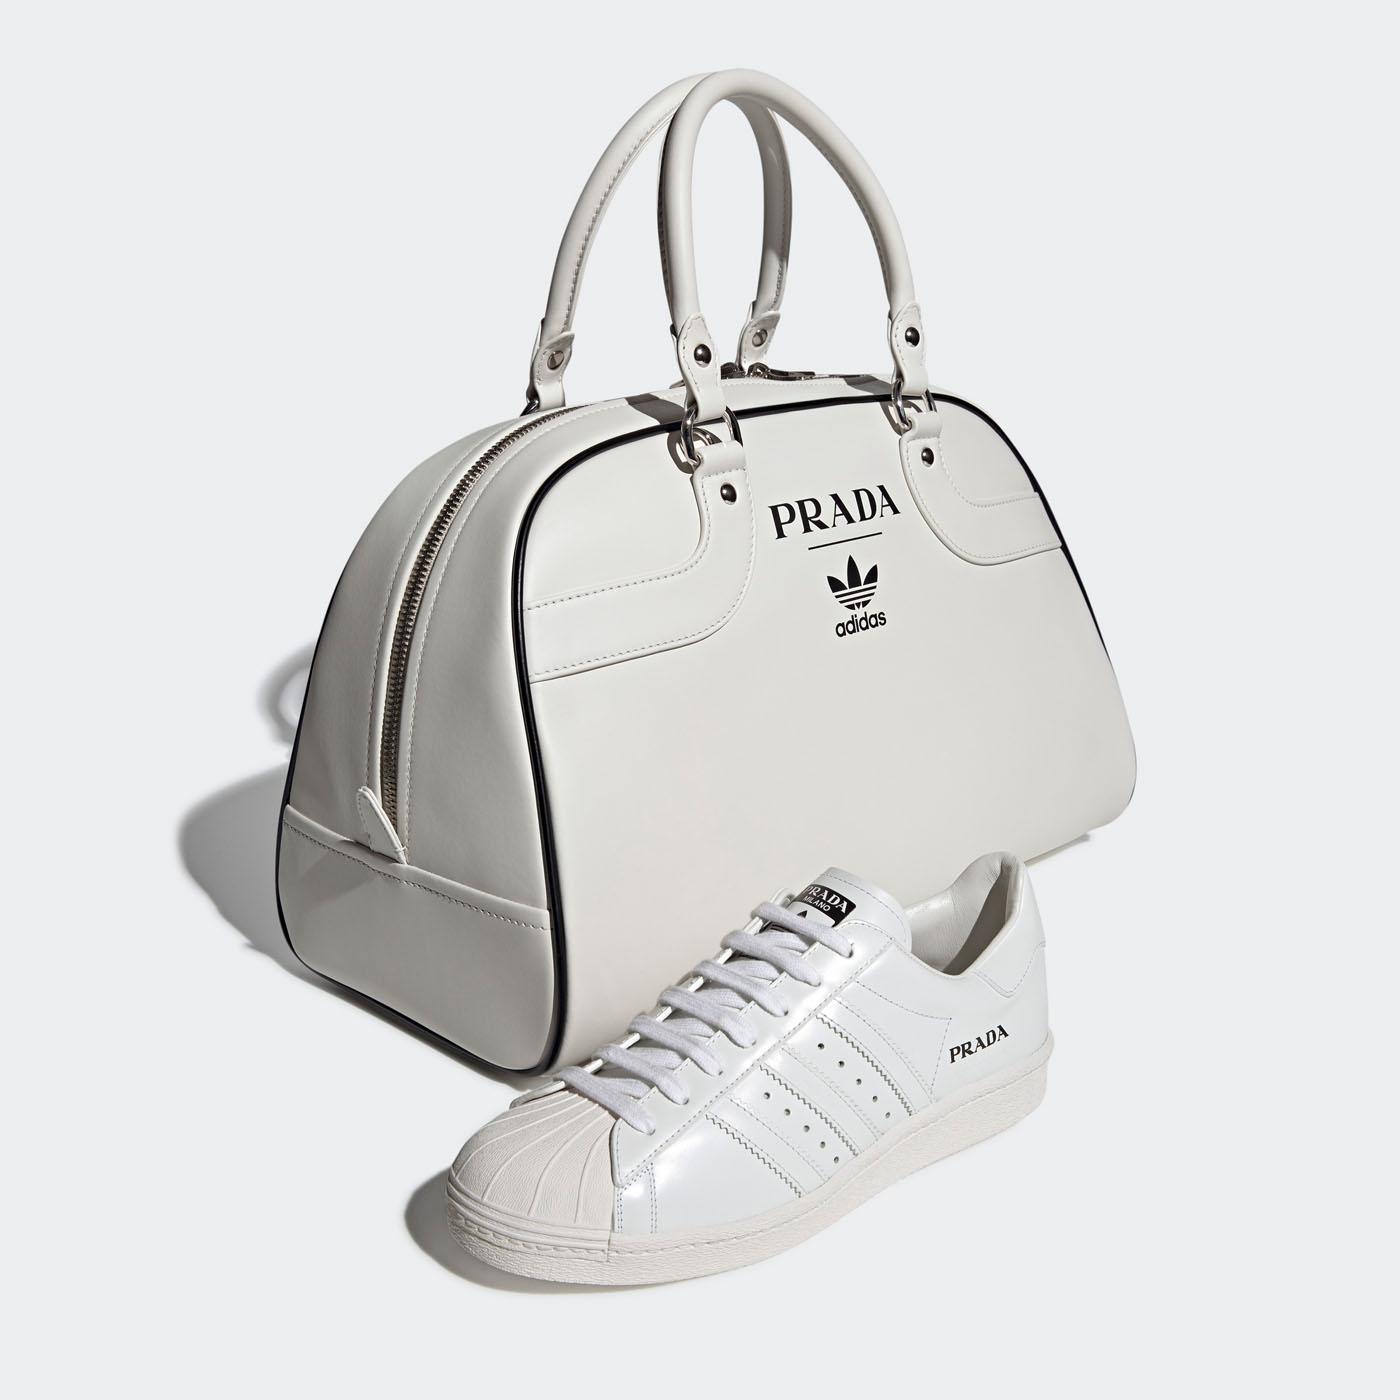 Prada và Adidas ra mắt mẫu thiết kế giày và túi đặc biệt - 3